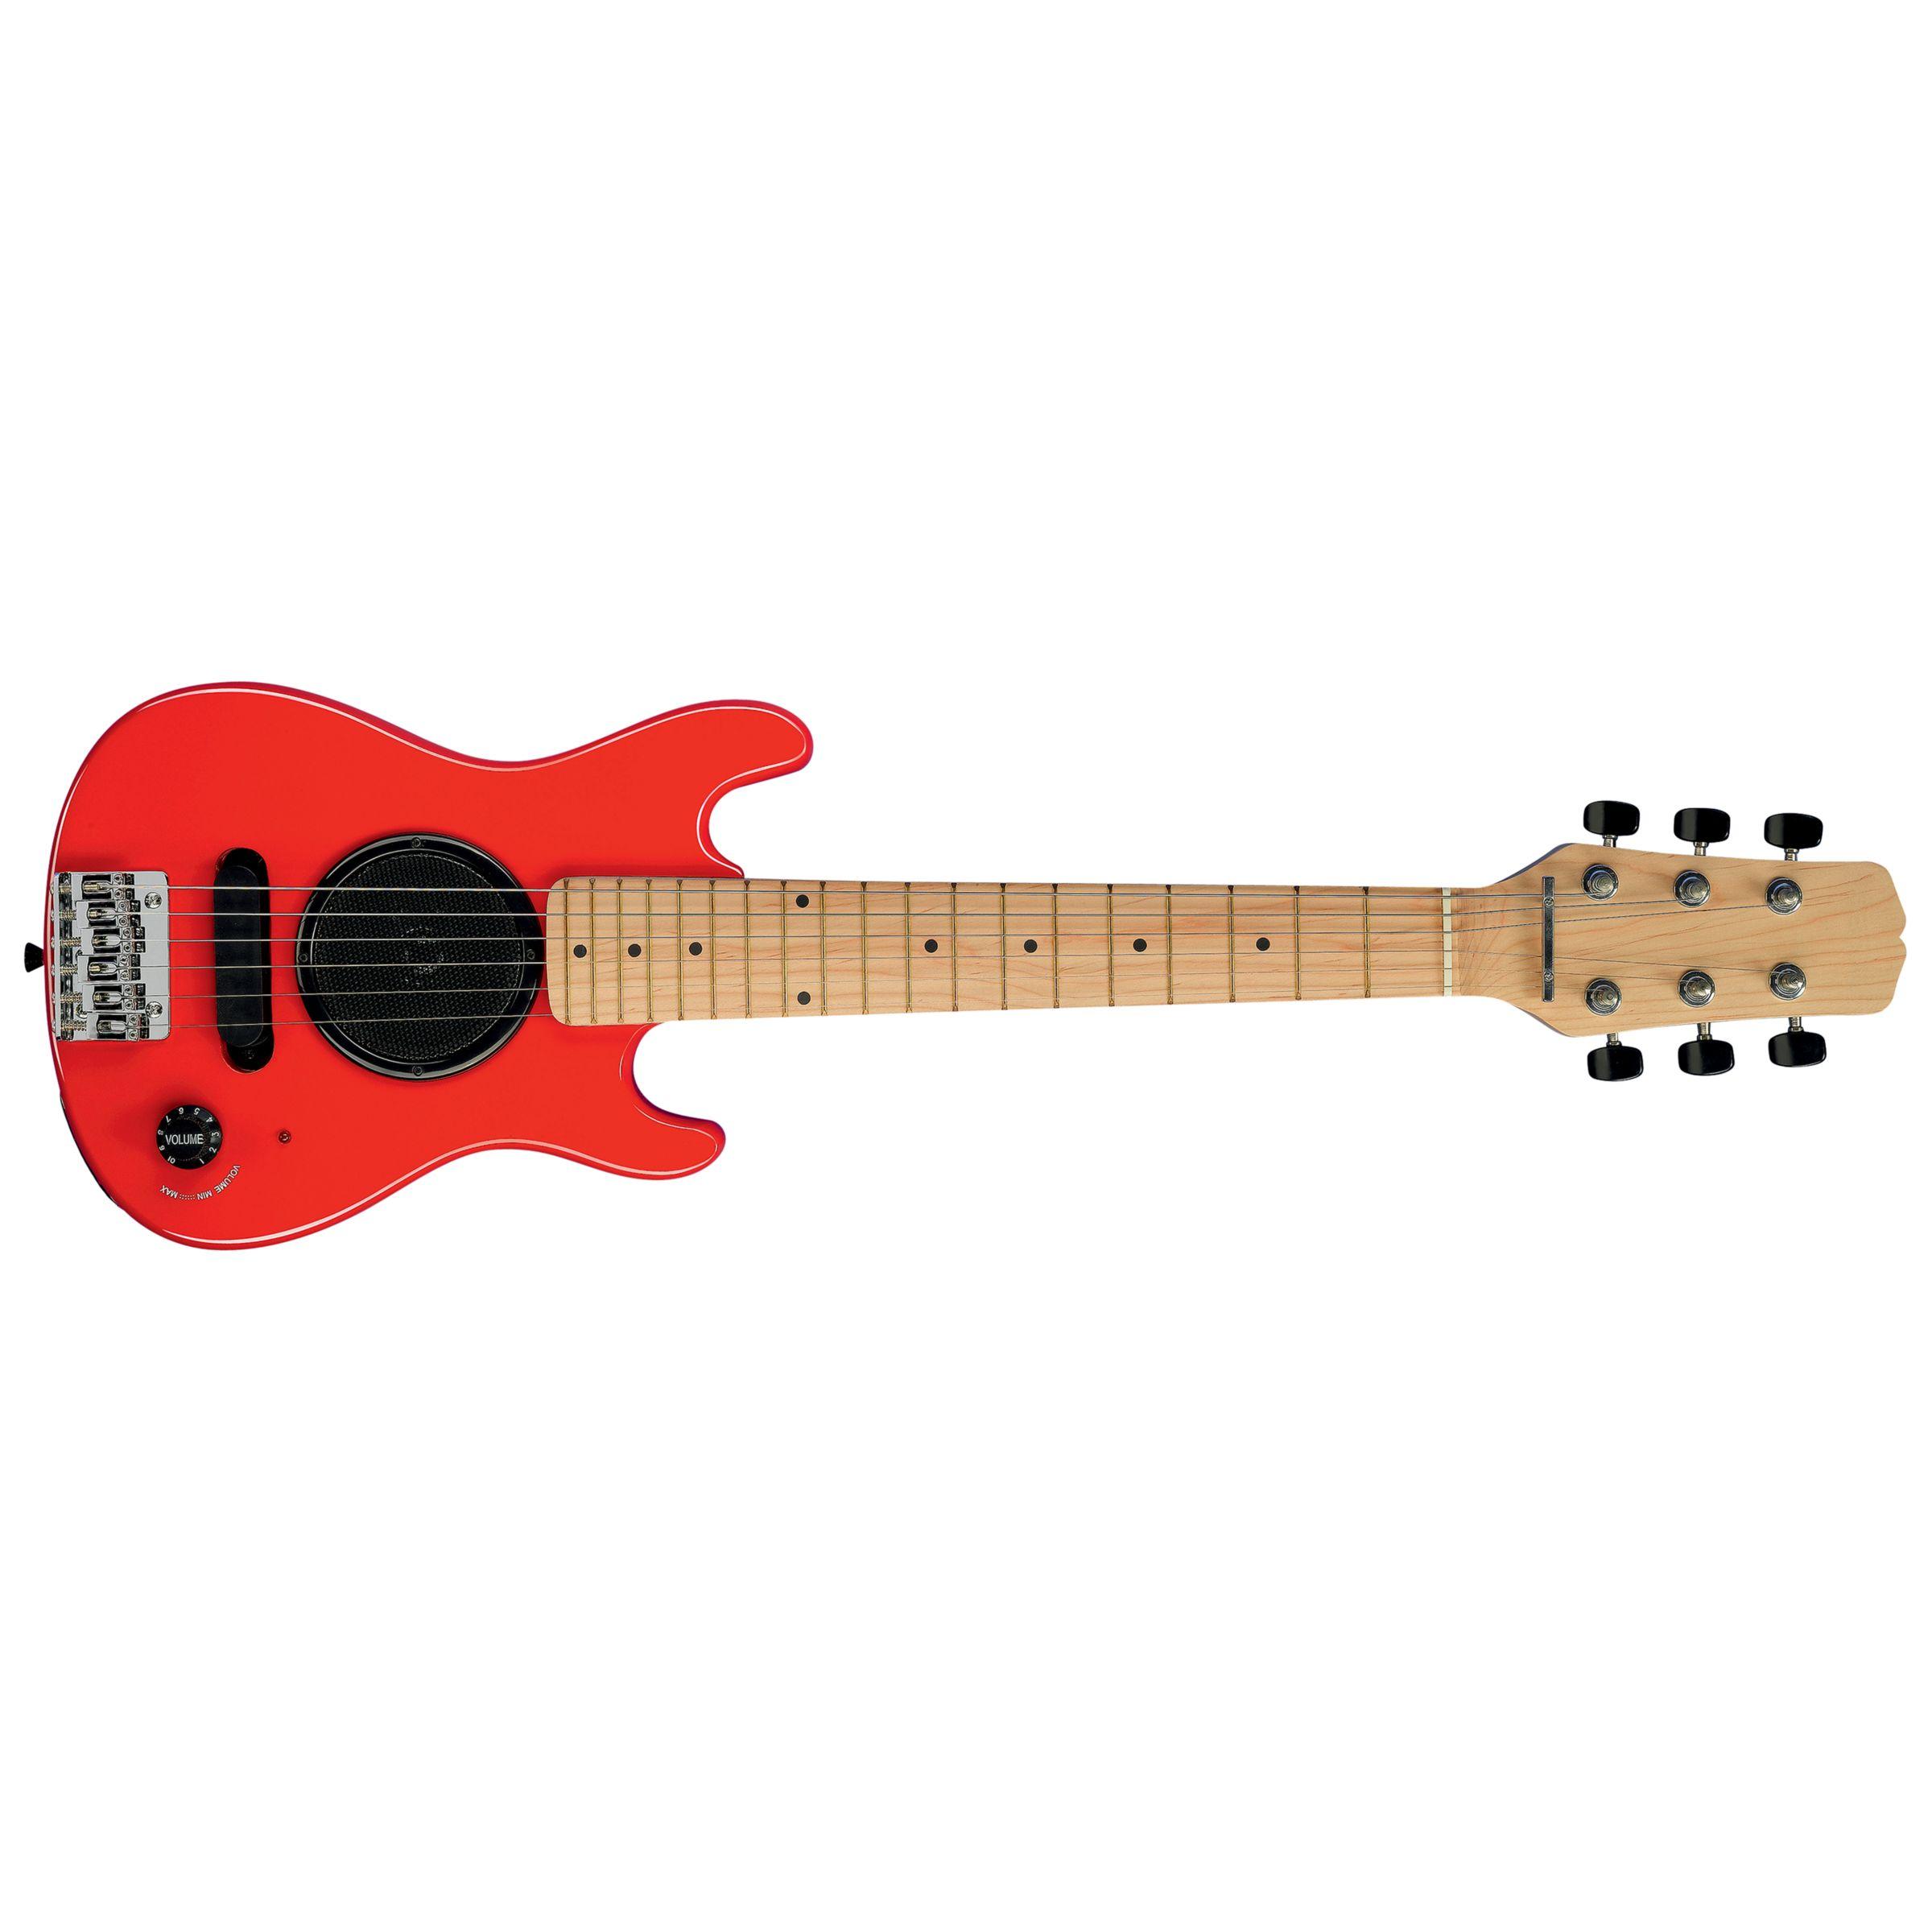 John Lewis Electronic Guitar